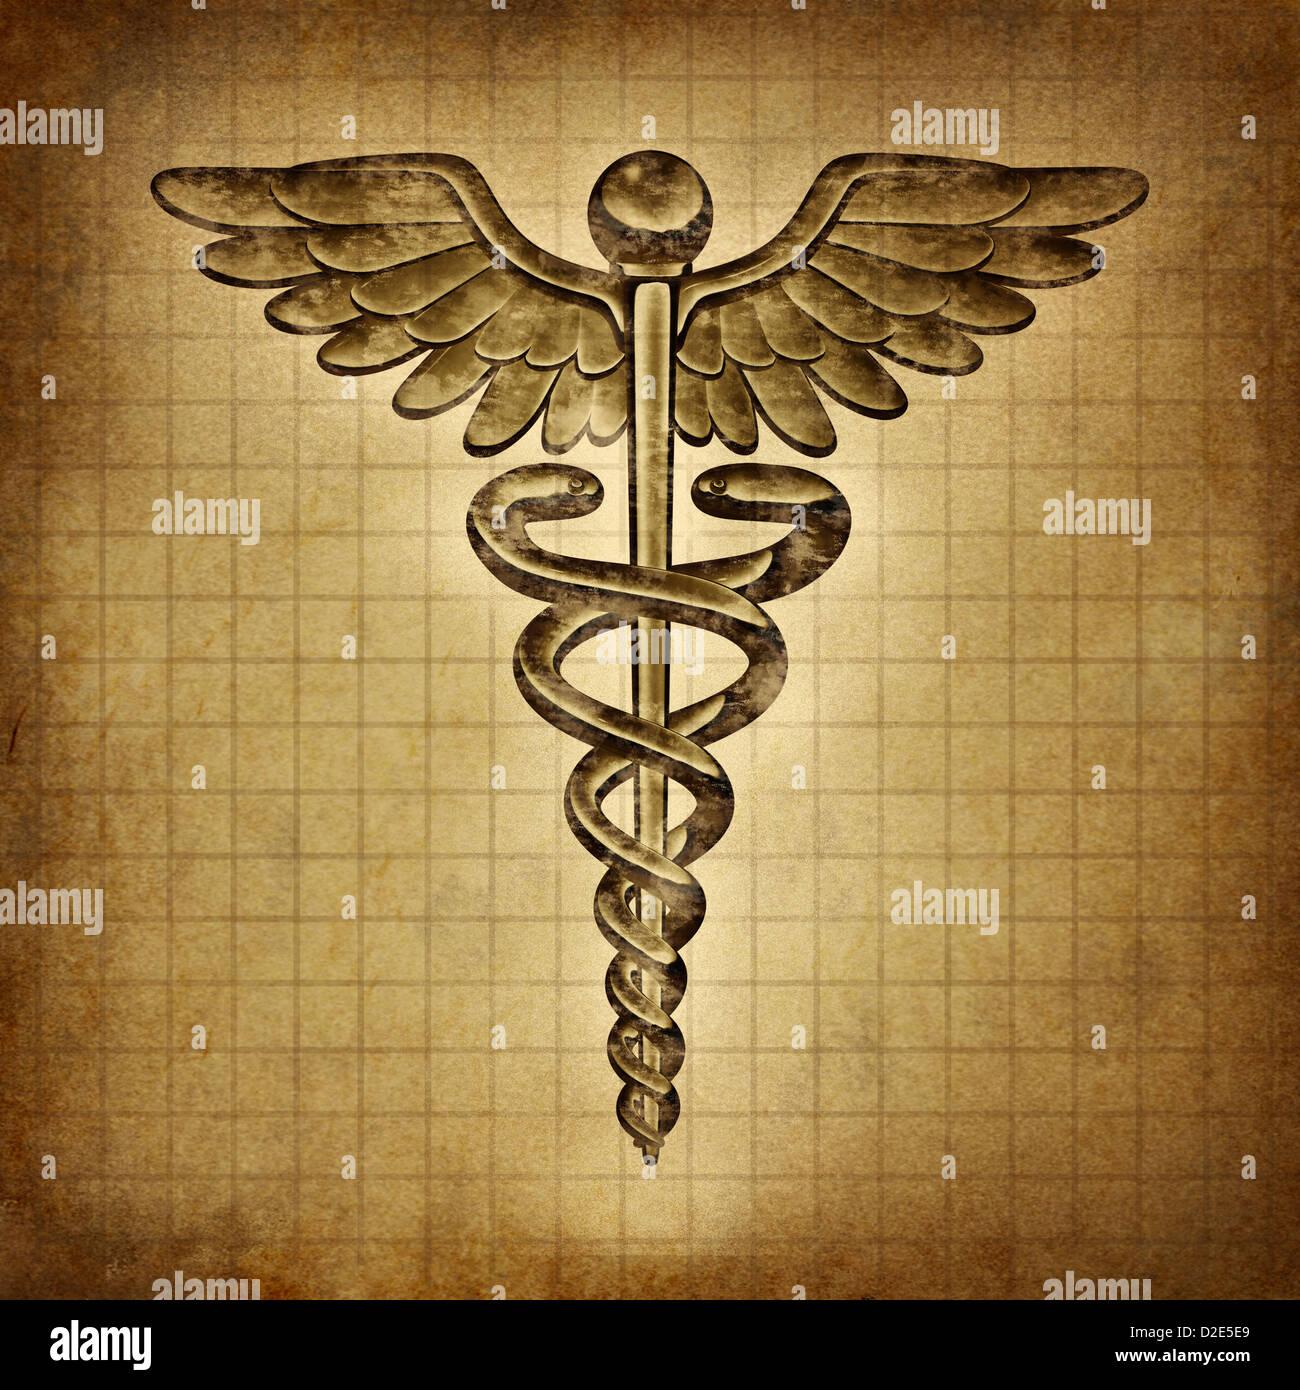 Medical Symbol Caduceus Snake Stock Photos Medical Symbol Caduceus